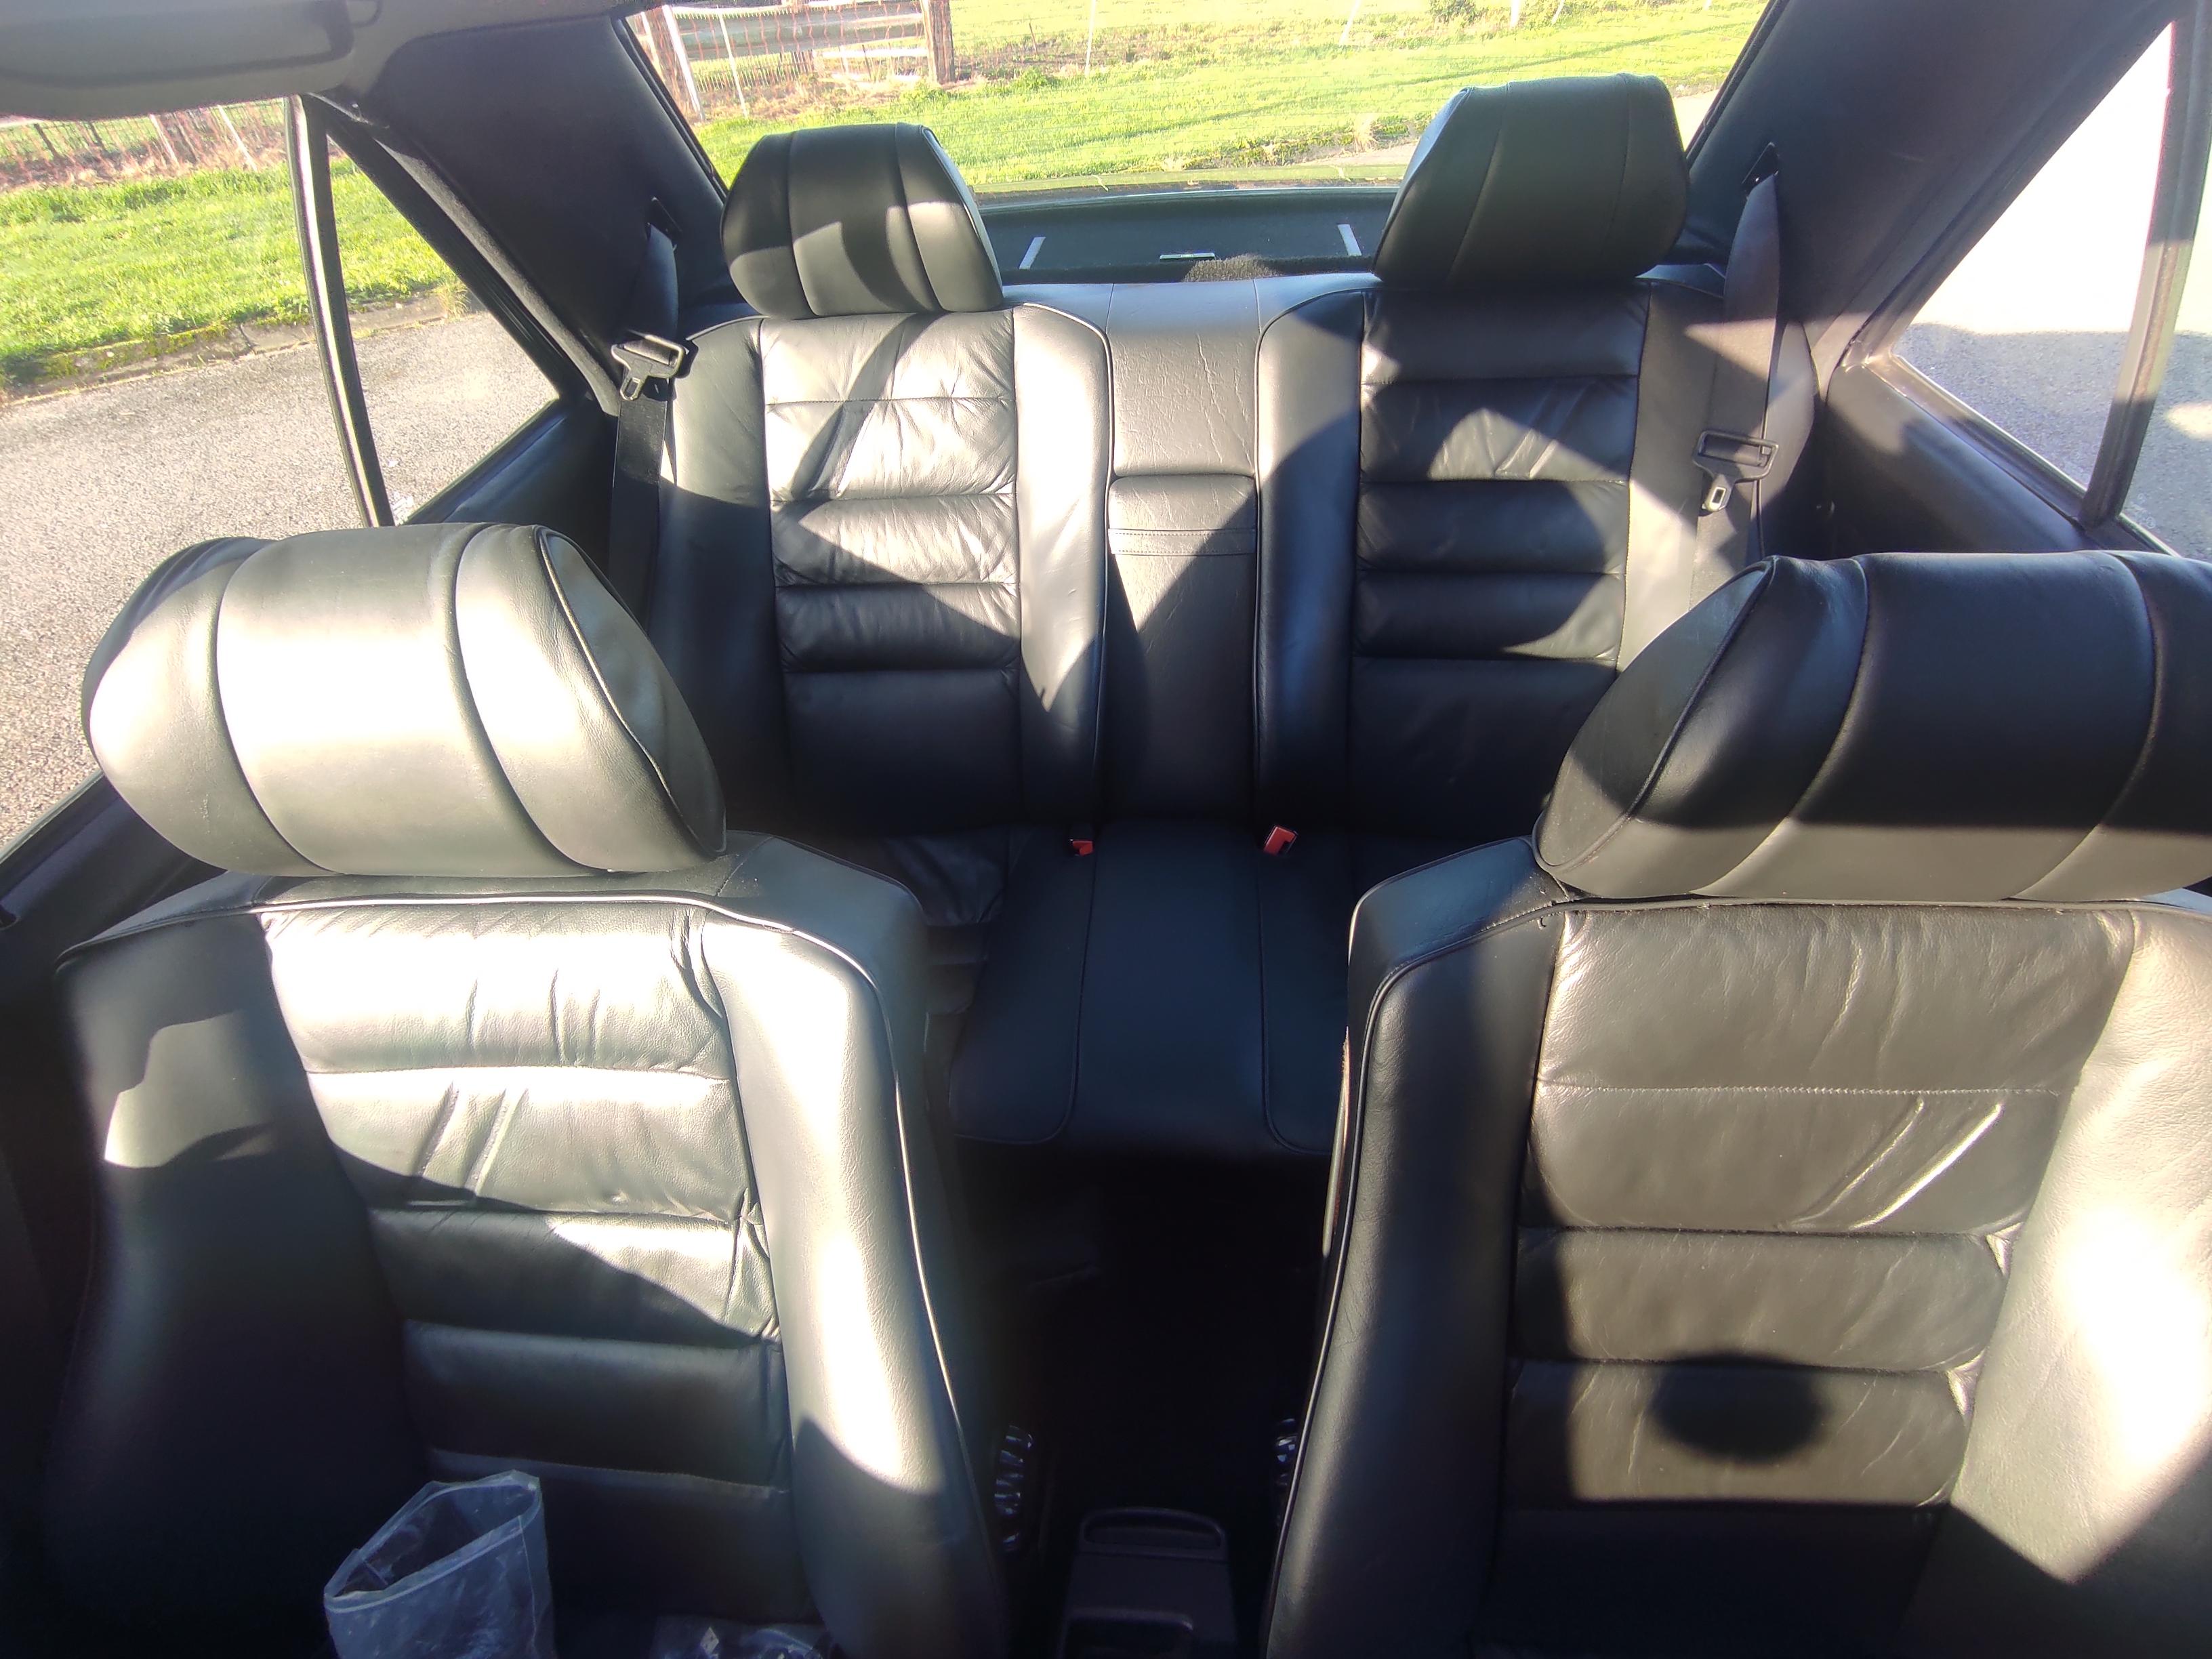 Mercedes 190 V12 Review & Testdrive 2